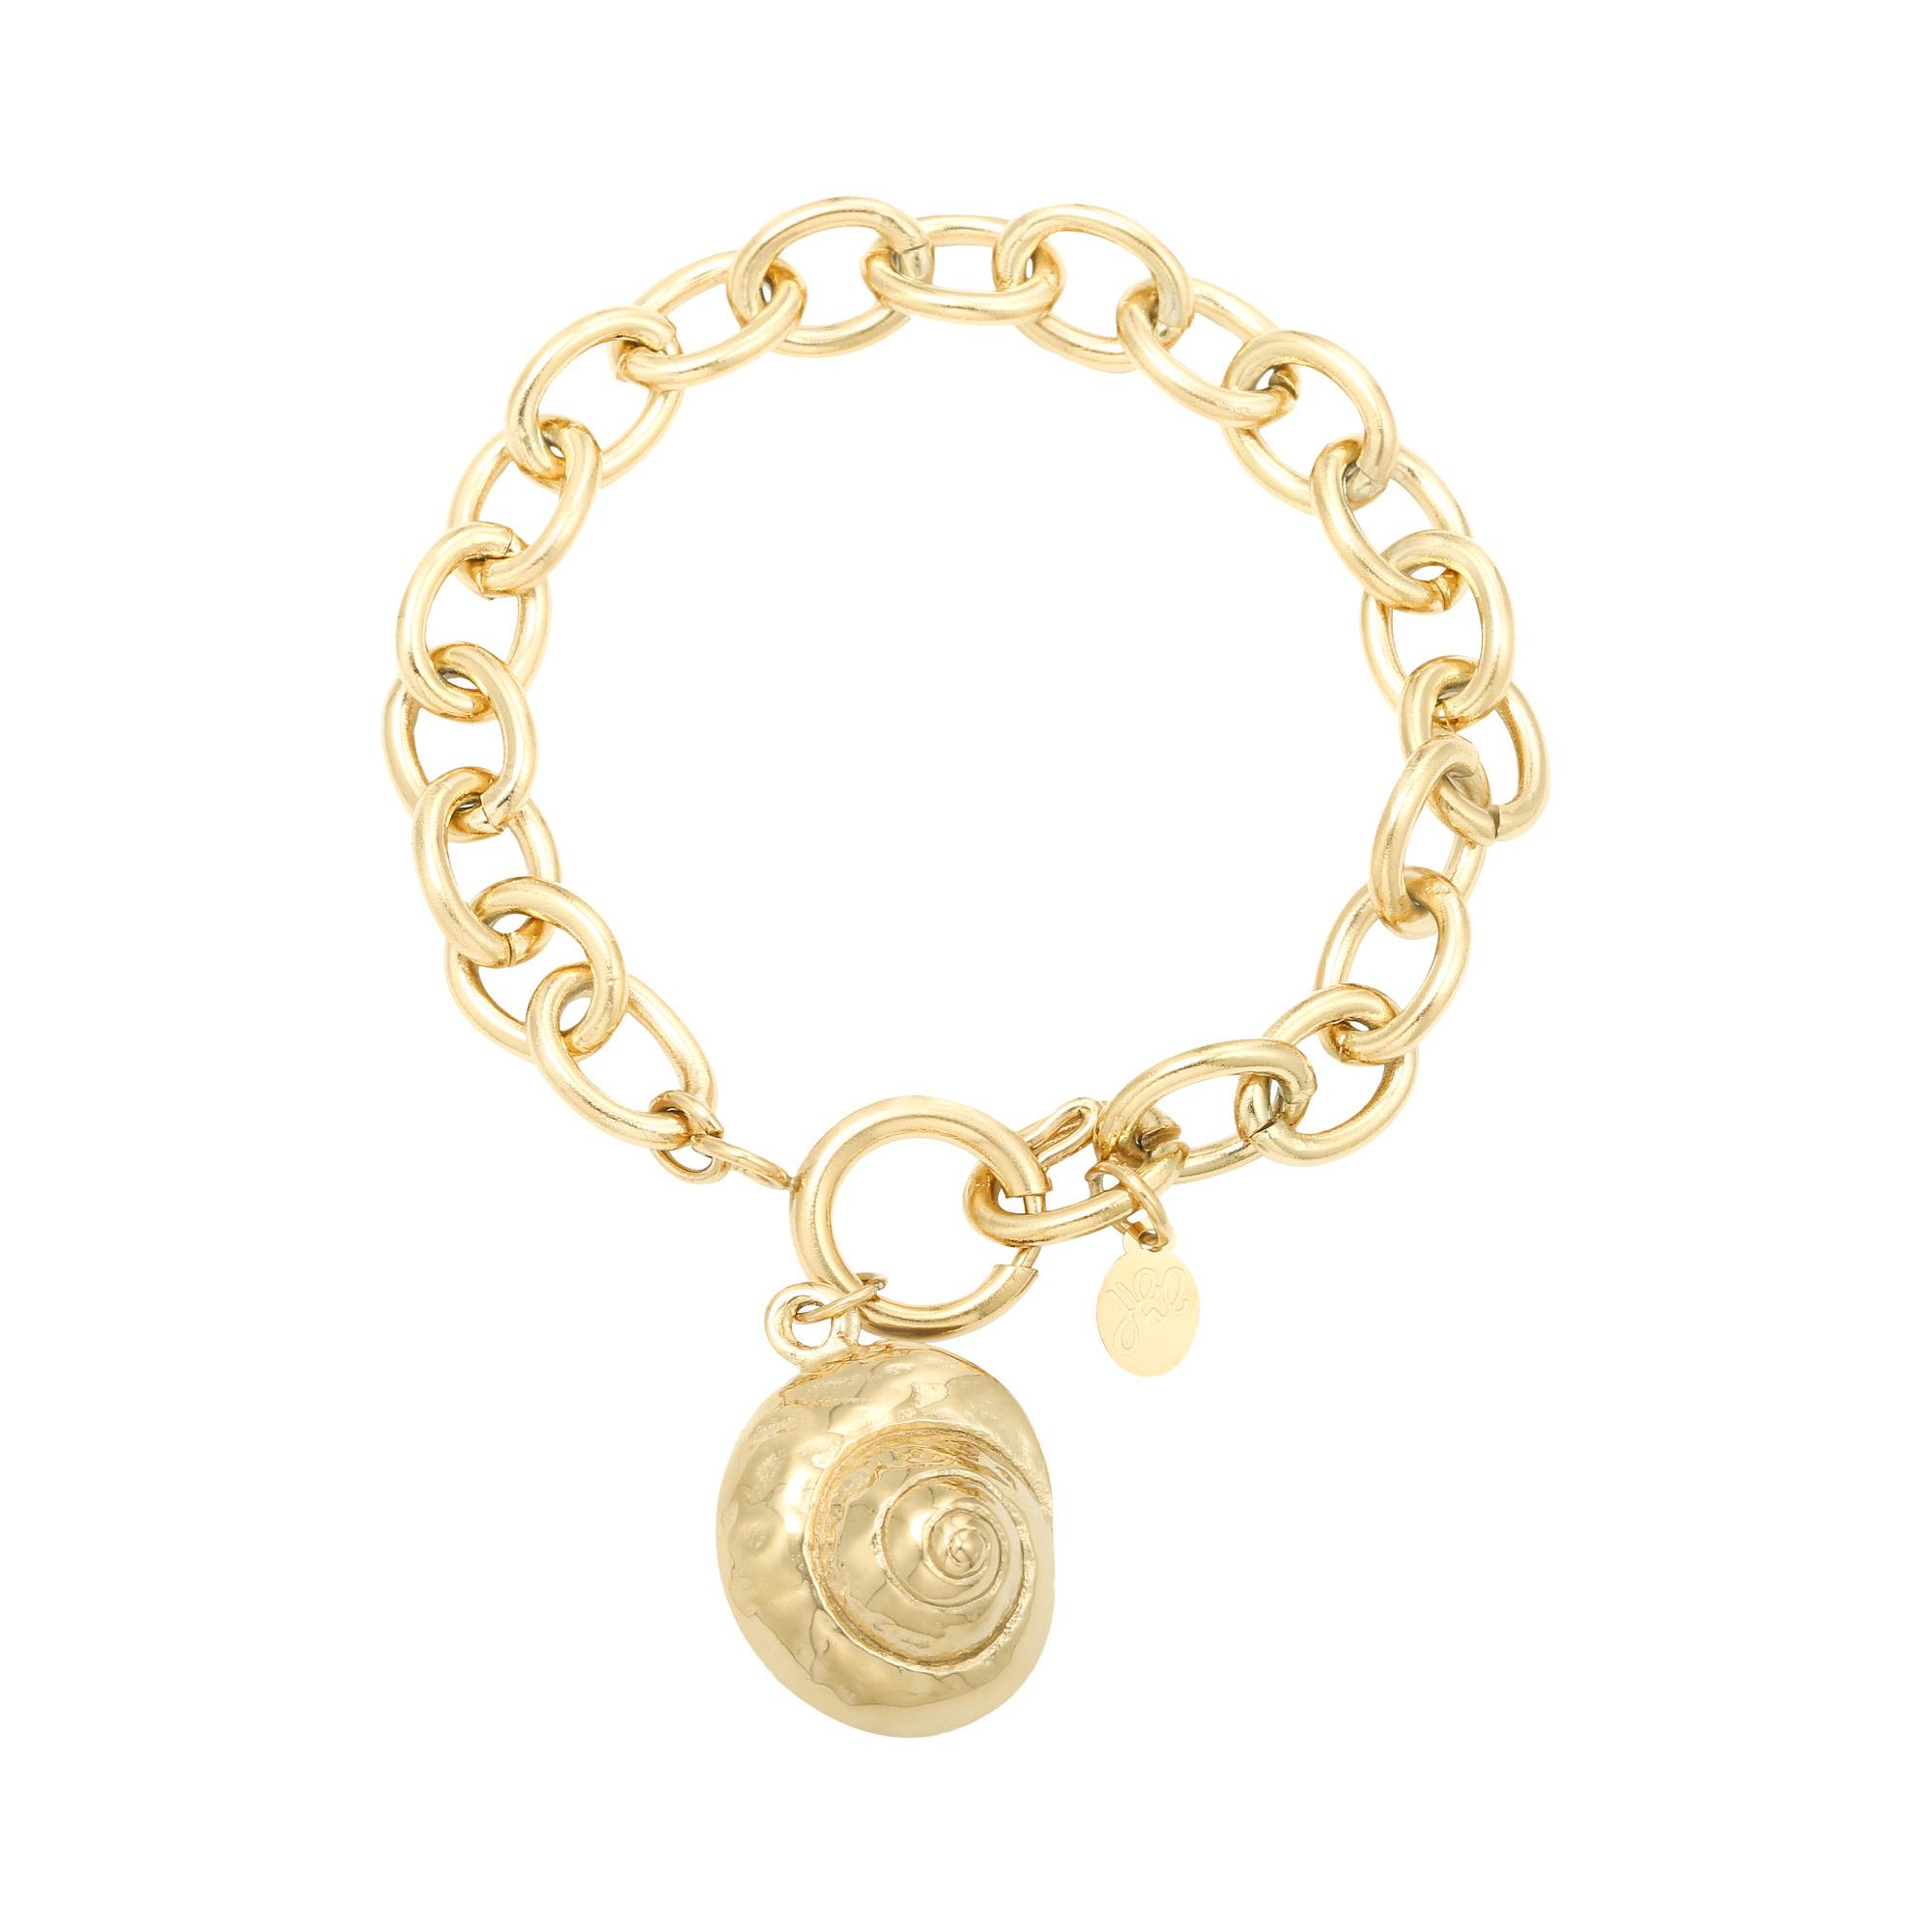 Stainless Steel Gold Plated Schakel Armband met Schelp bedel